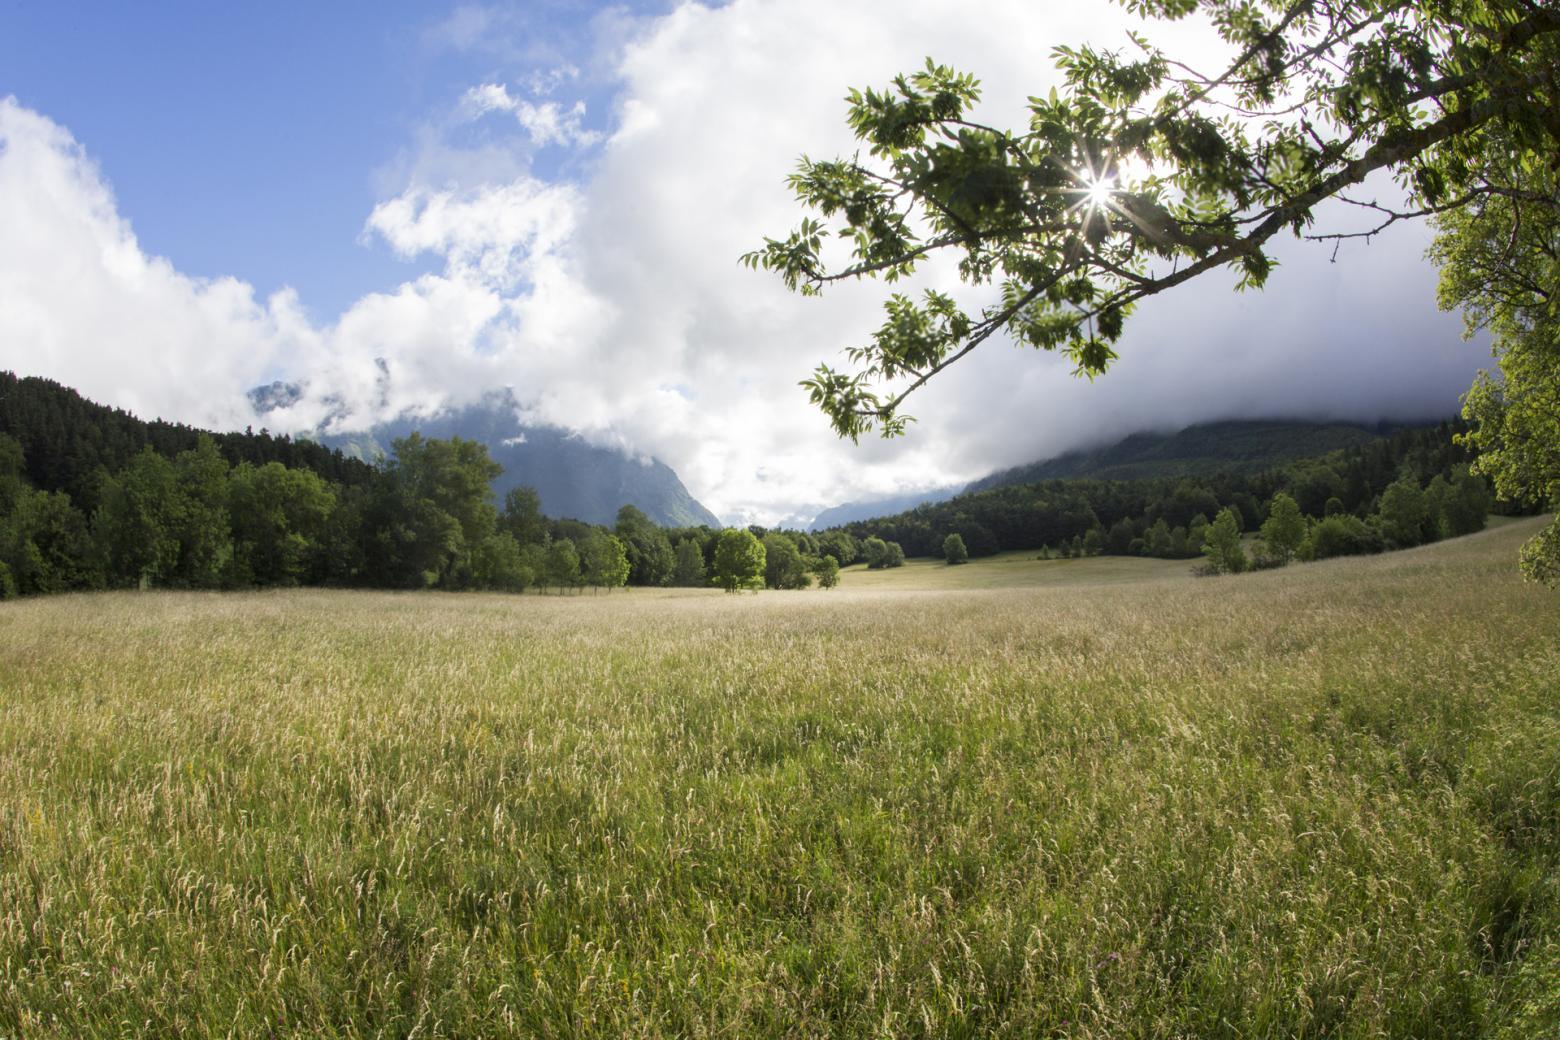 La parcelle du GAEC Holstein Passion (Xavier Maitretin et Stéphanie Gras-Lavigne) - Chauffayer © P.Saulay -Parc national des Ecrins